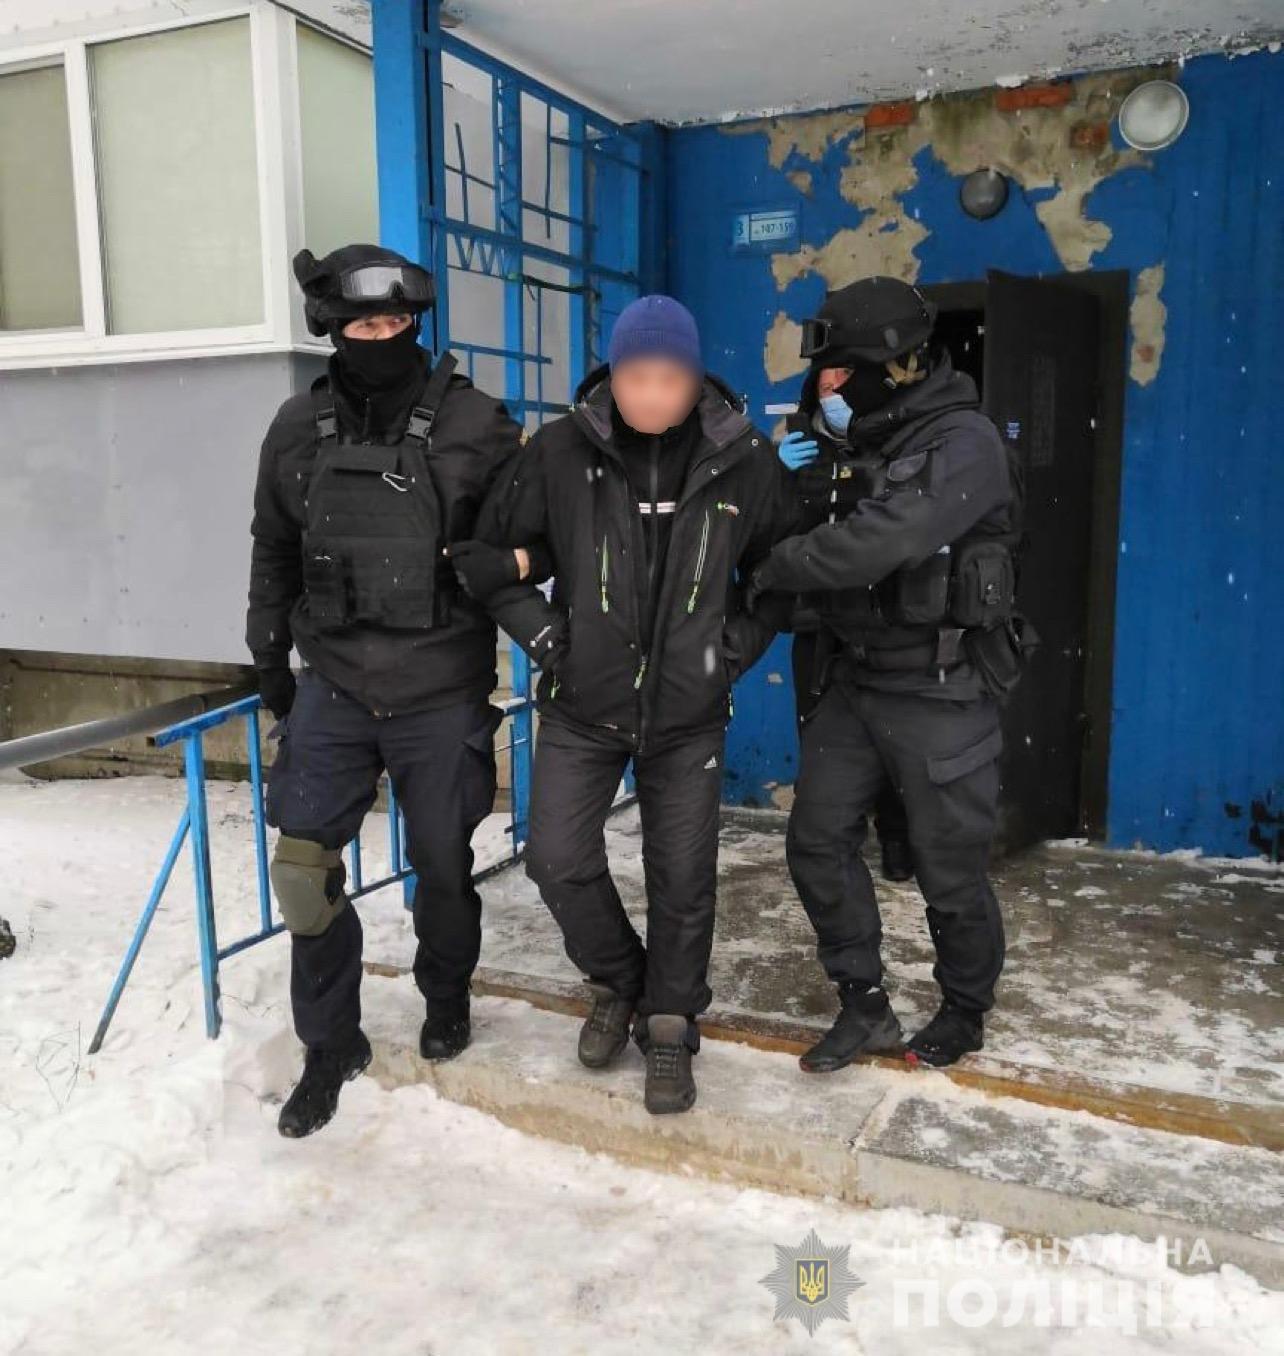 Продавал в интернете несуществующие товары: в Харькове аферист «развел» более полусотни человек на 150 тысяч гривен, - ФОТО, фото-1